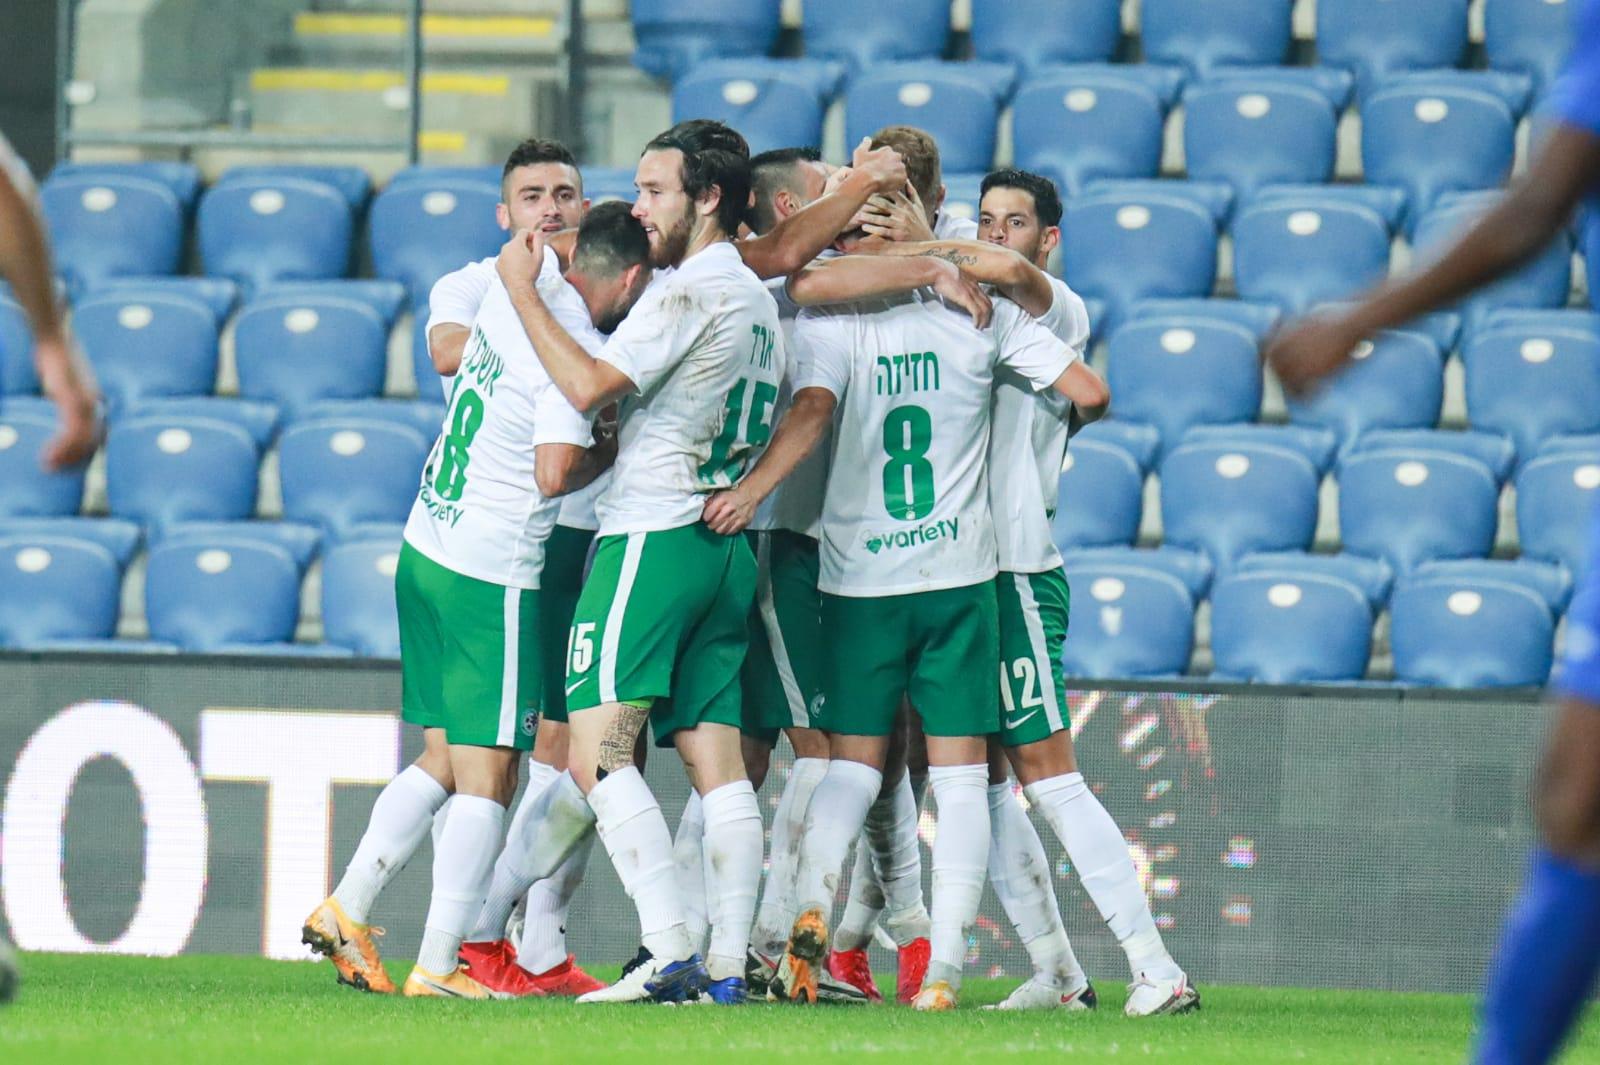 Maccabi wins 1:2 at Petach Tikva